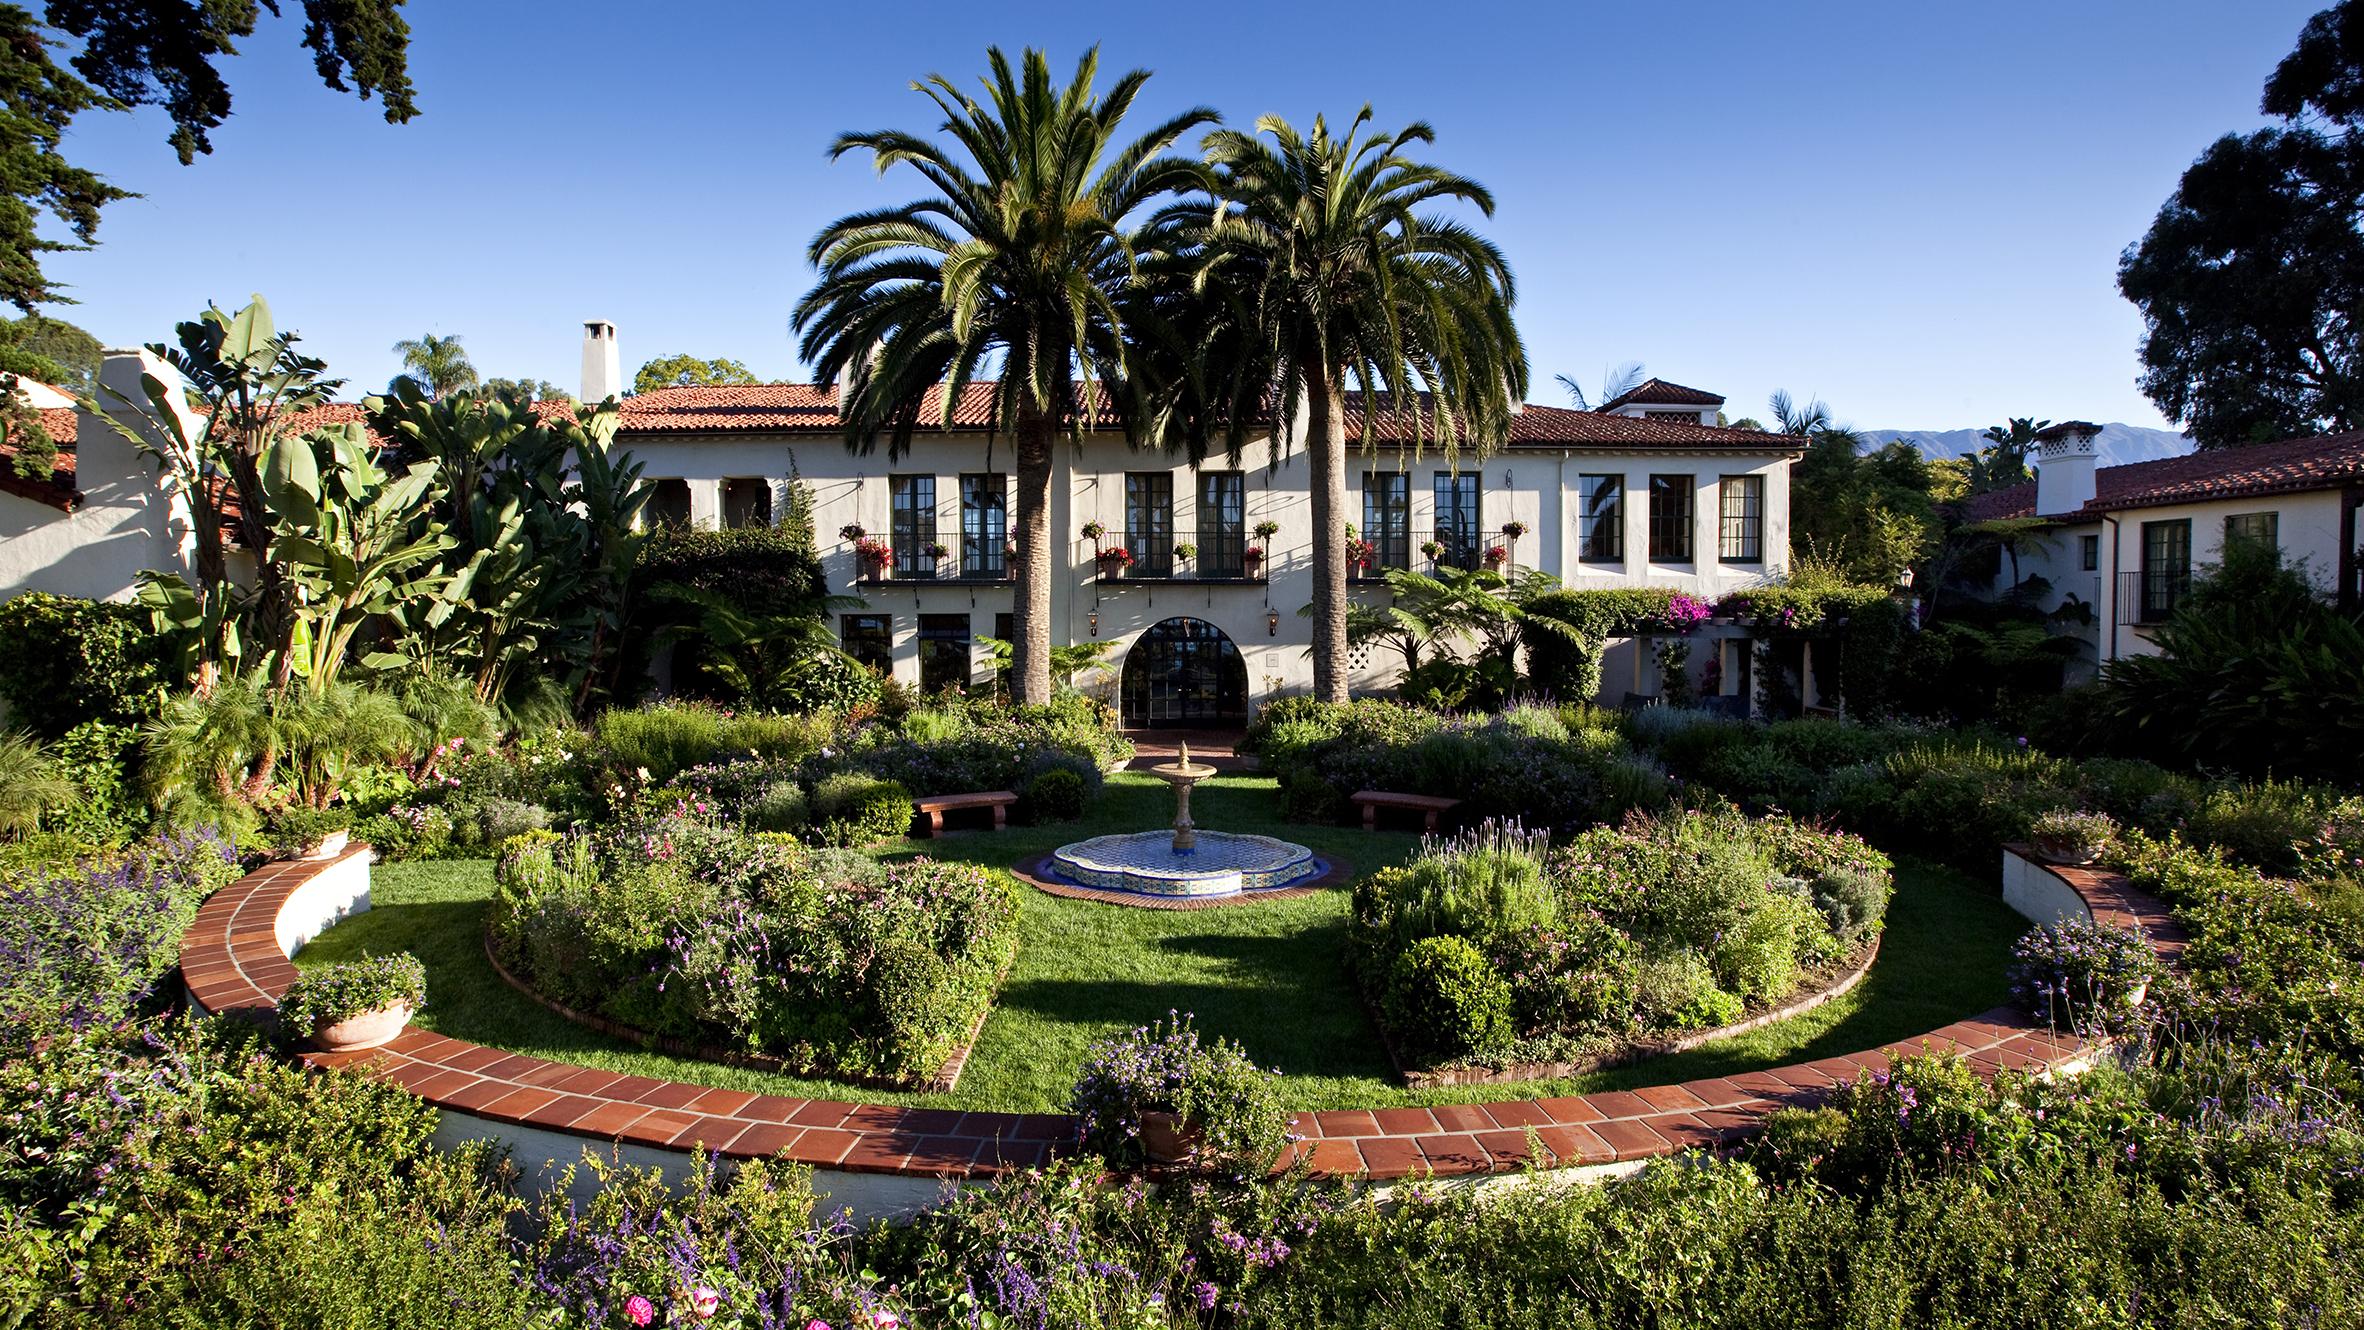 Four Seasons Resort The Biltmore gardens